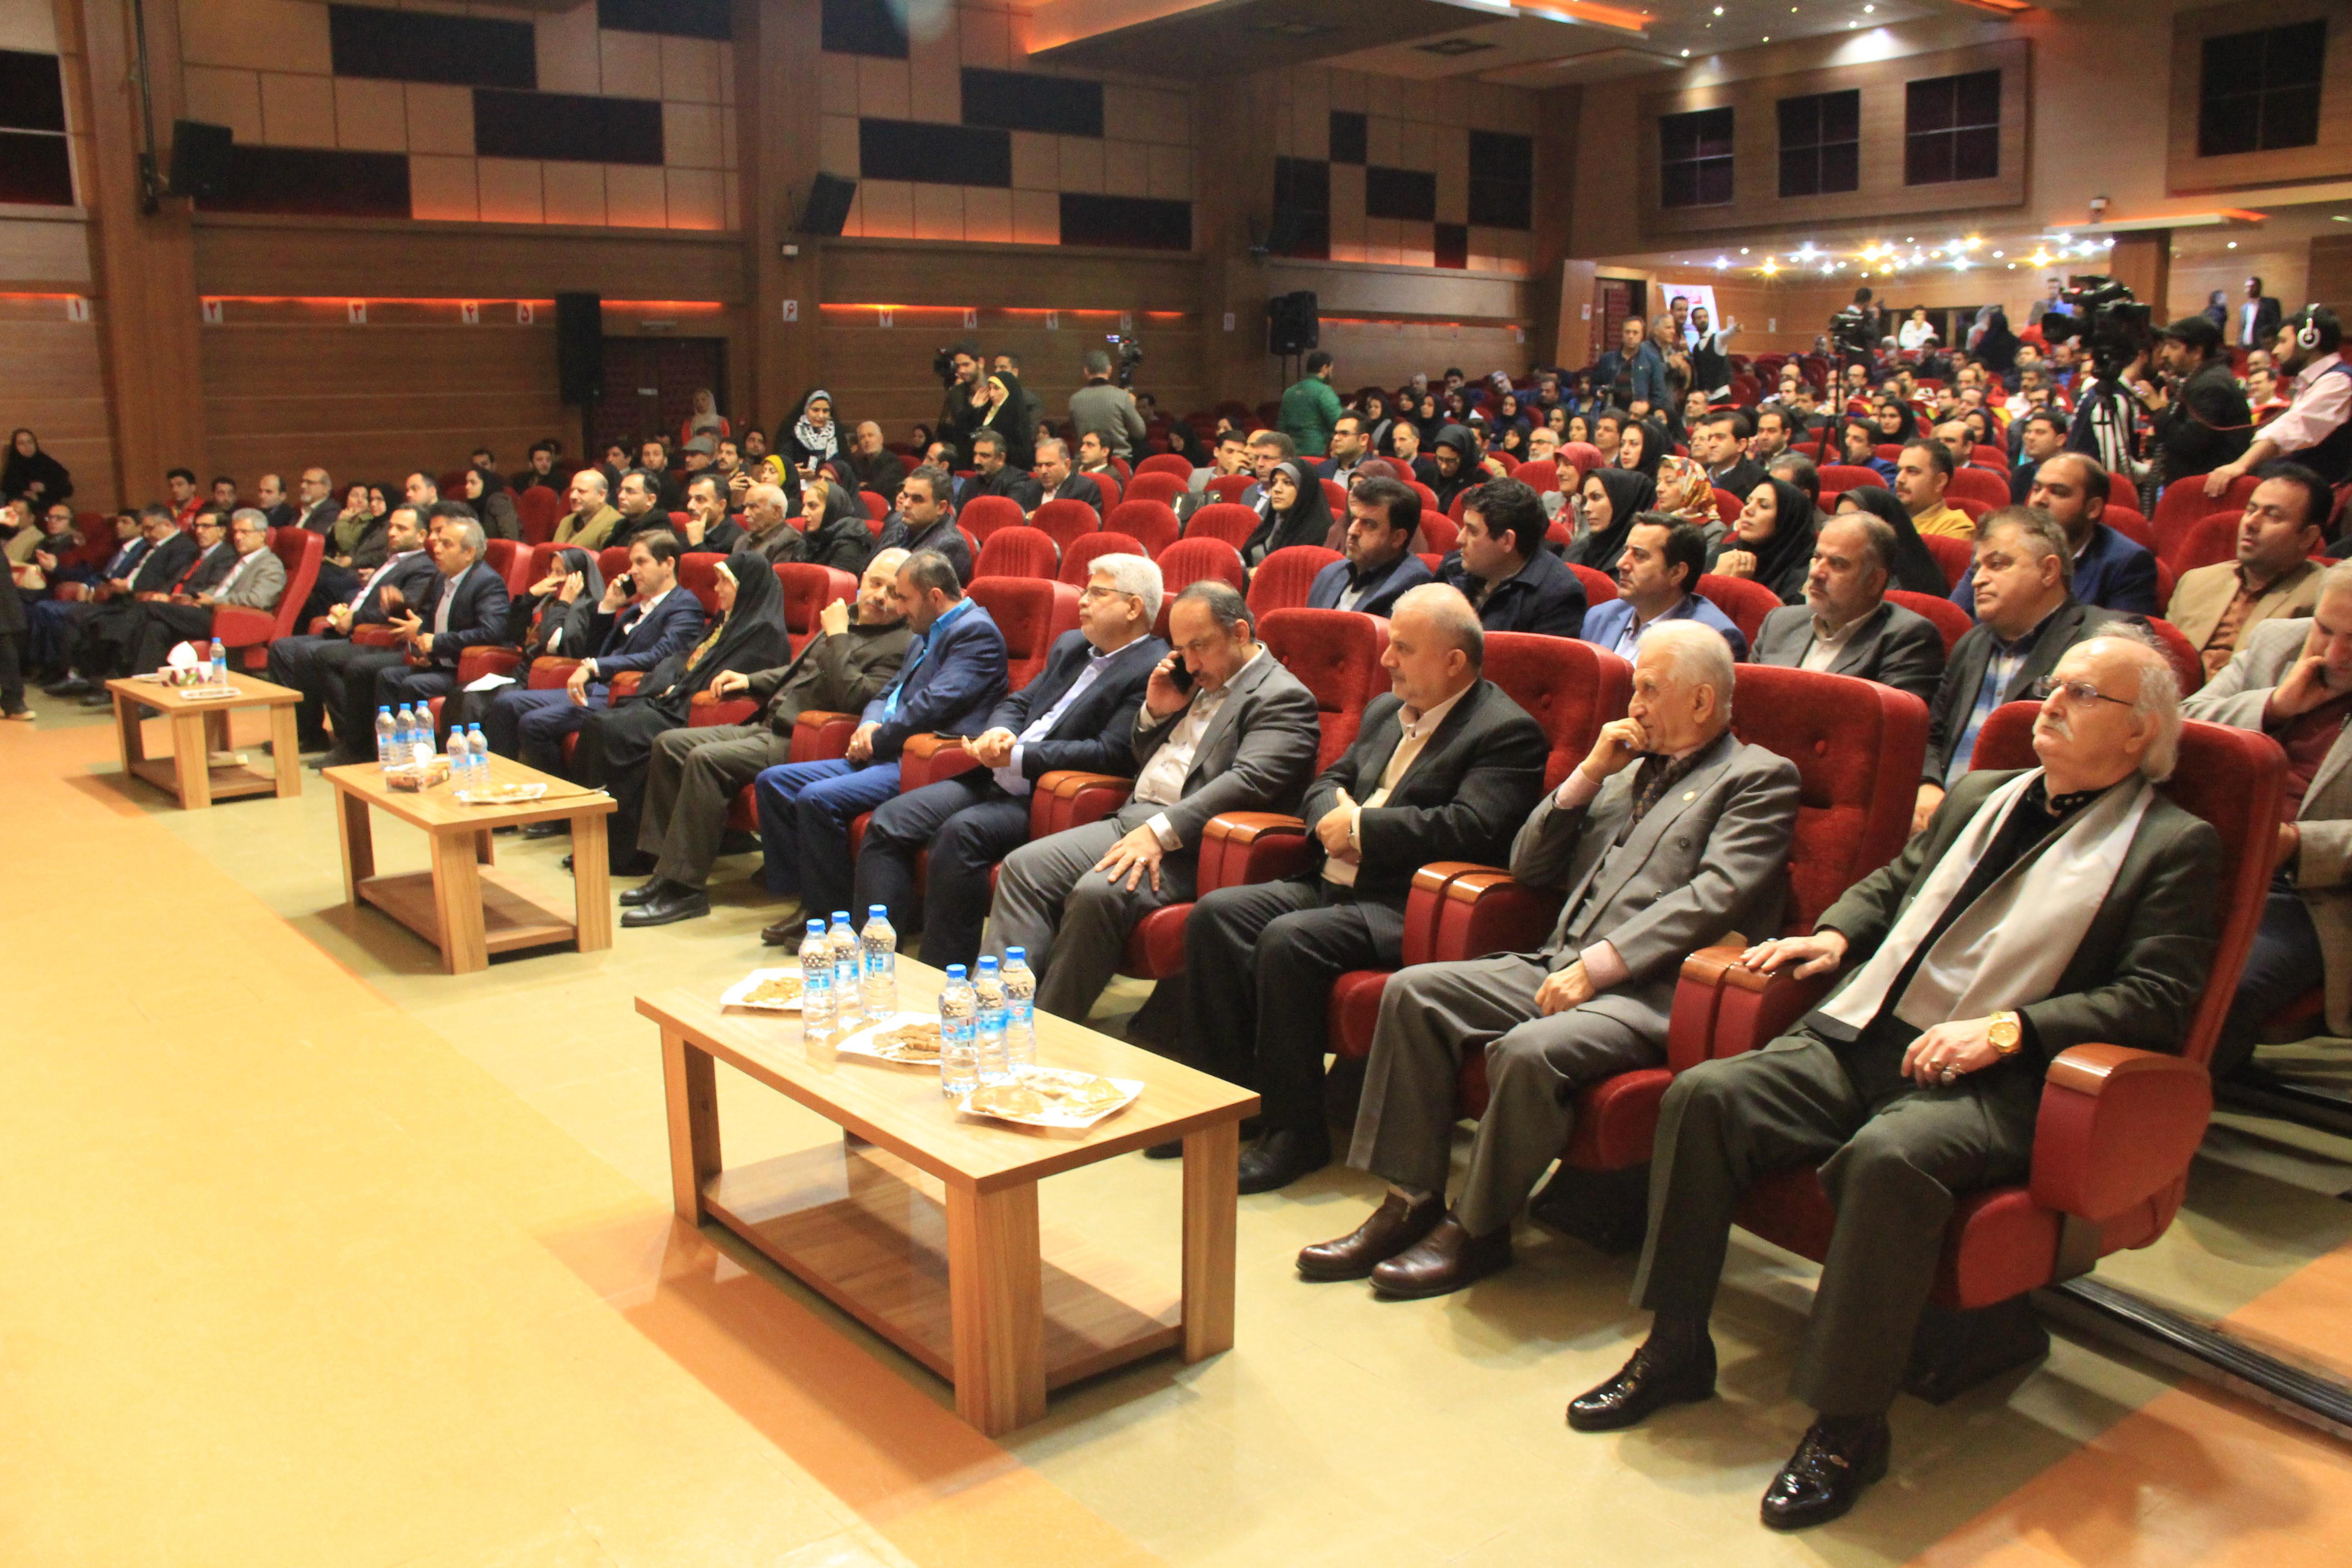 نشان گواهینامهٔ شهر حلال به شهردار رشت  رسید